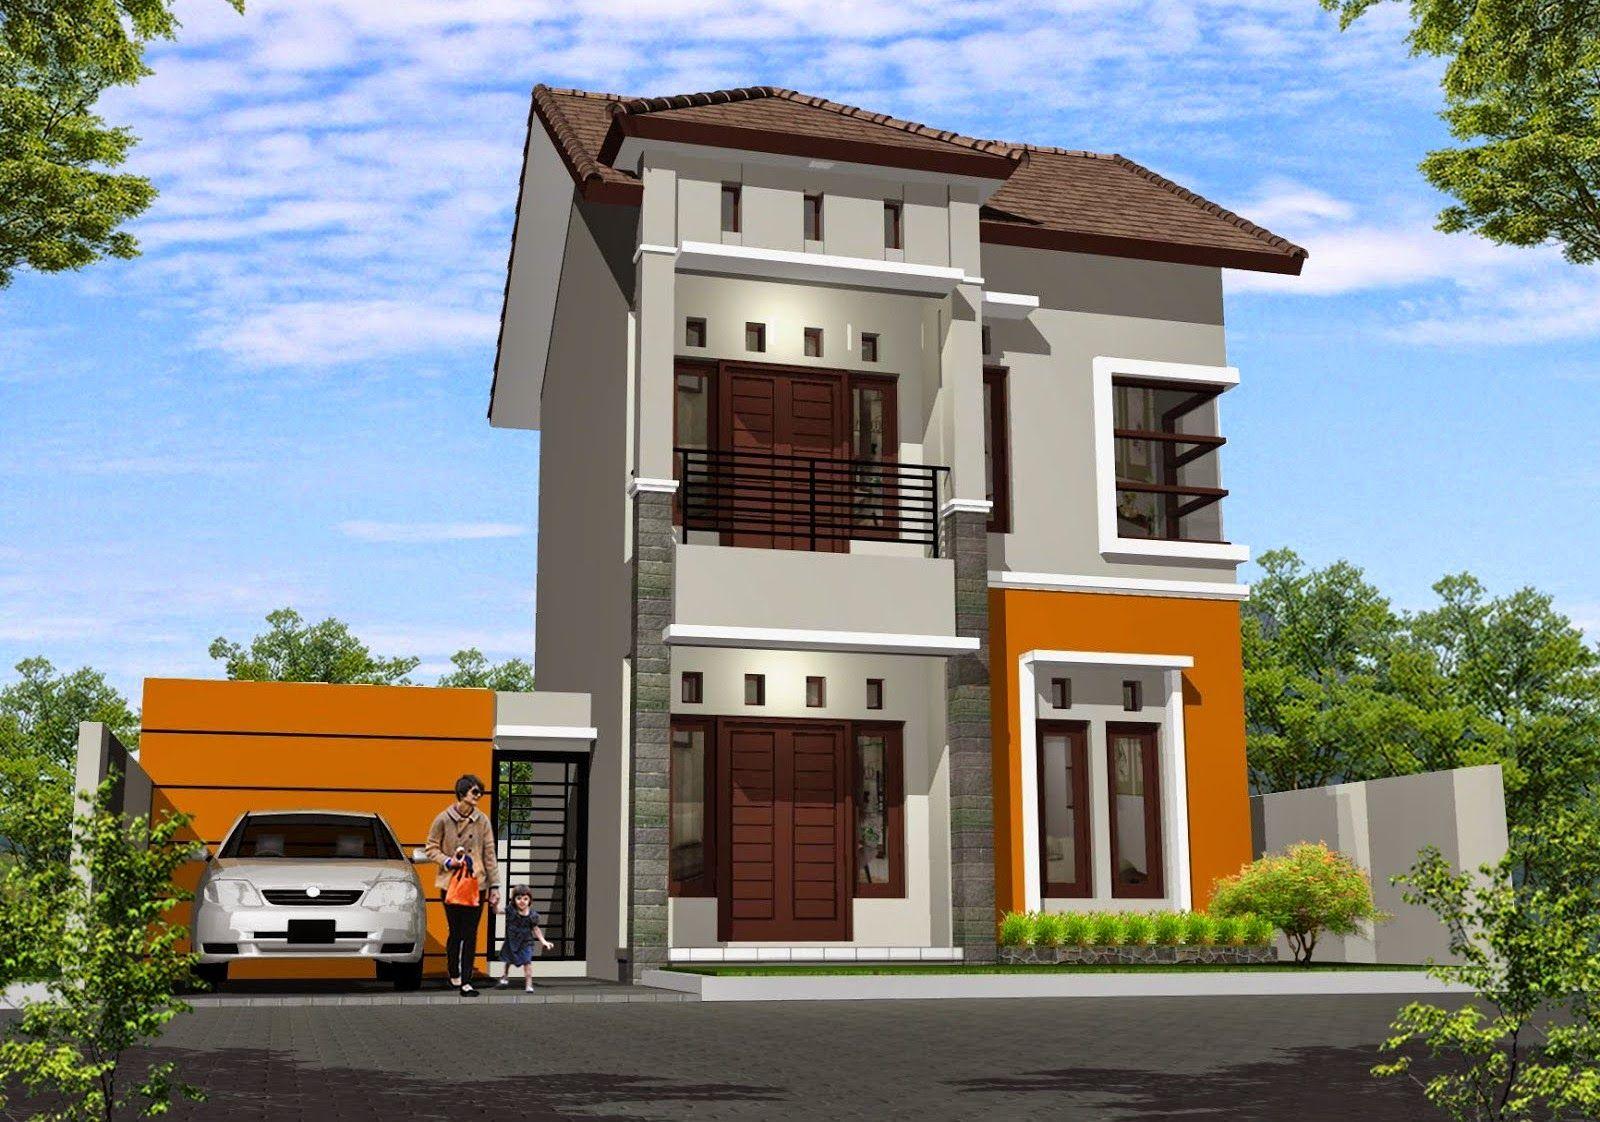 Home Design Type 70 Part - 28: Desain Rumah Minimalis Type 36 Adalah Sebuah Pilihan Tepat Untuk Anda Yang  Ingin Memiliki Rumah Minimalis